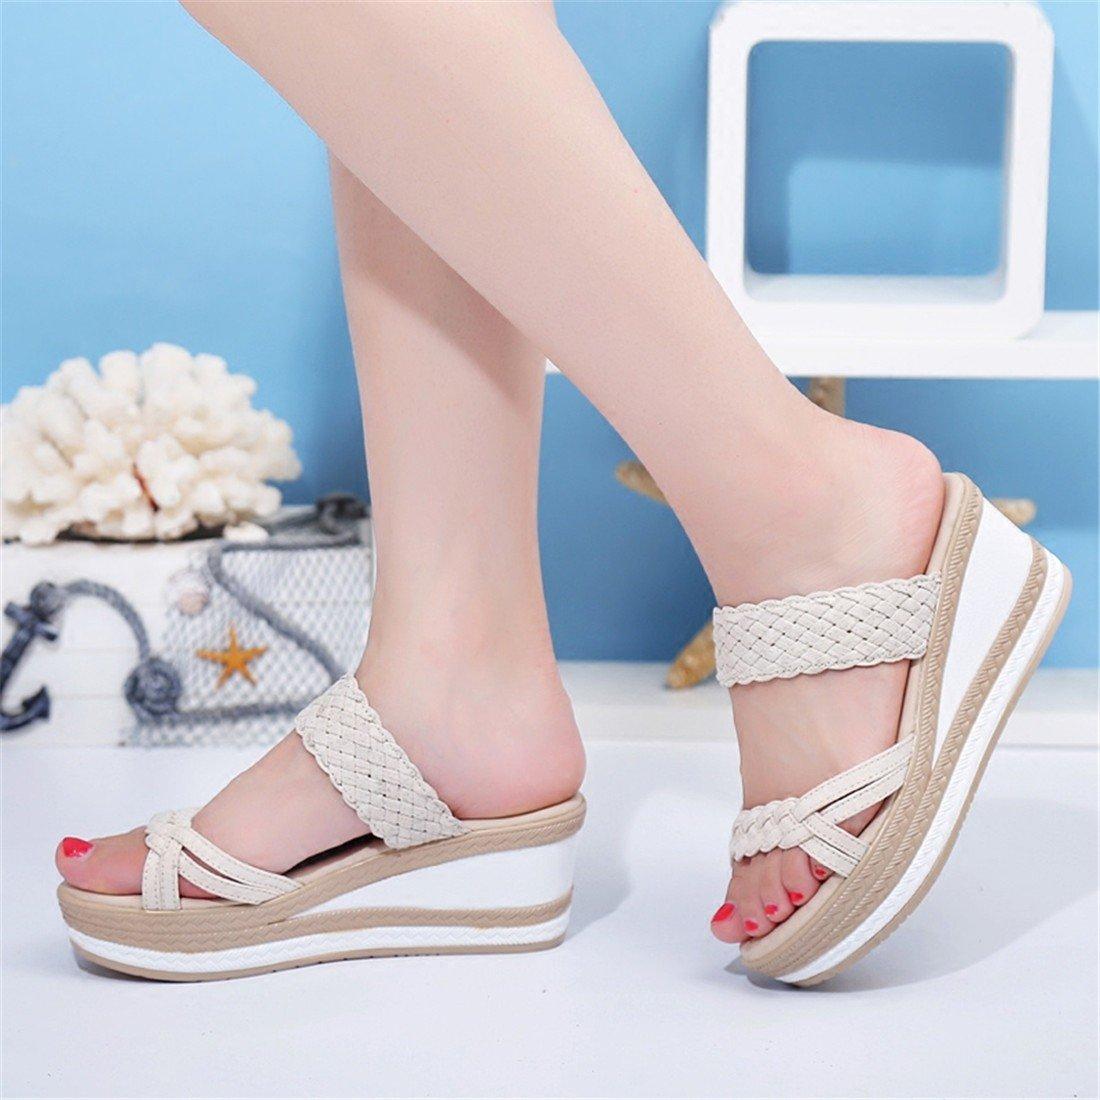 WXMDDN Sommer Pantoffeln mit Kühlen Dickem Boden und Kühlen mit Pantoffeln Beige 1aa3a1